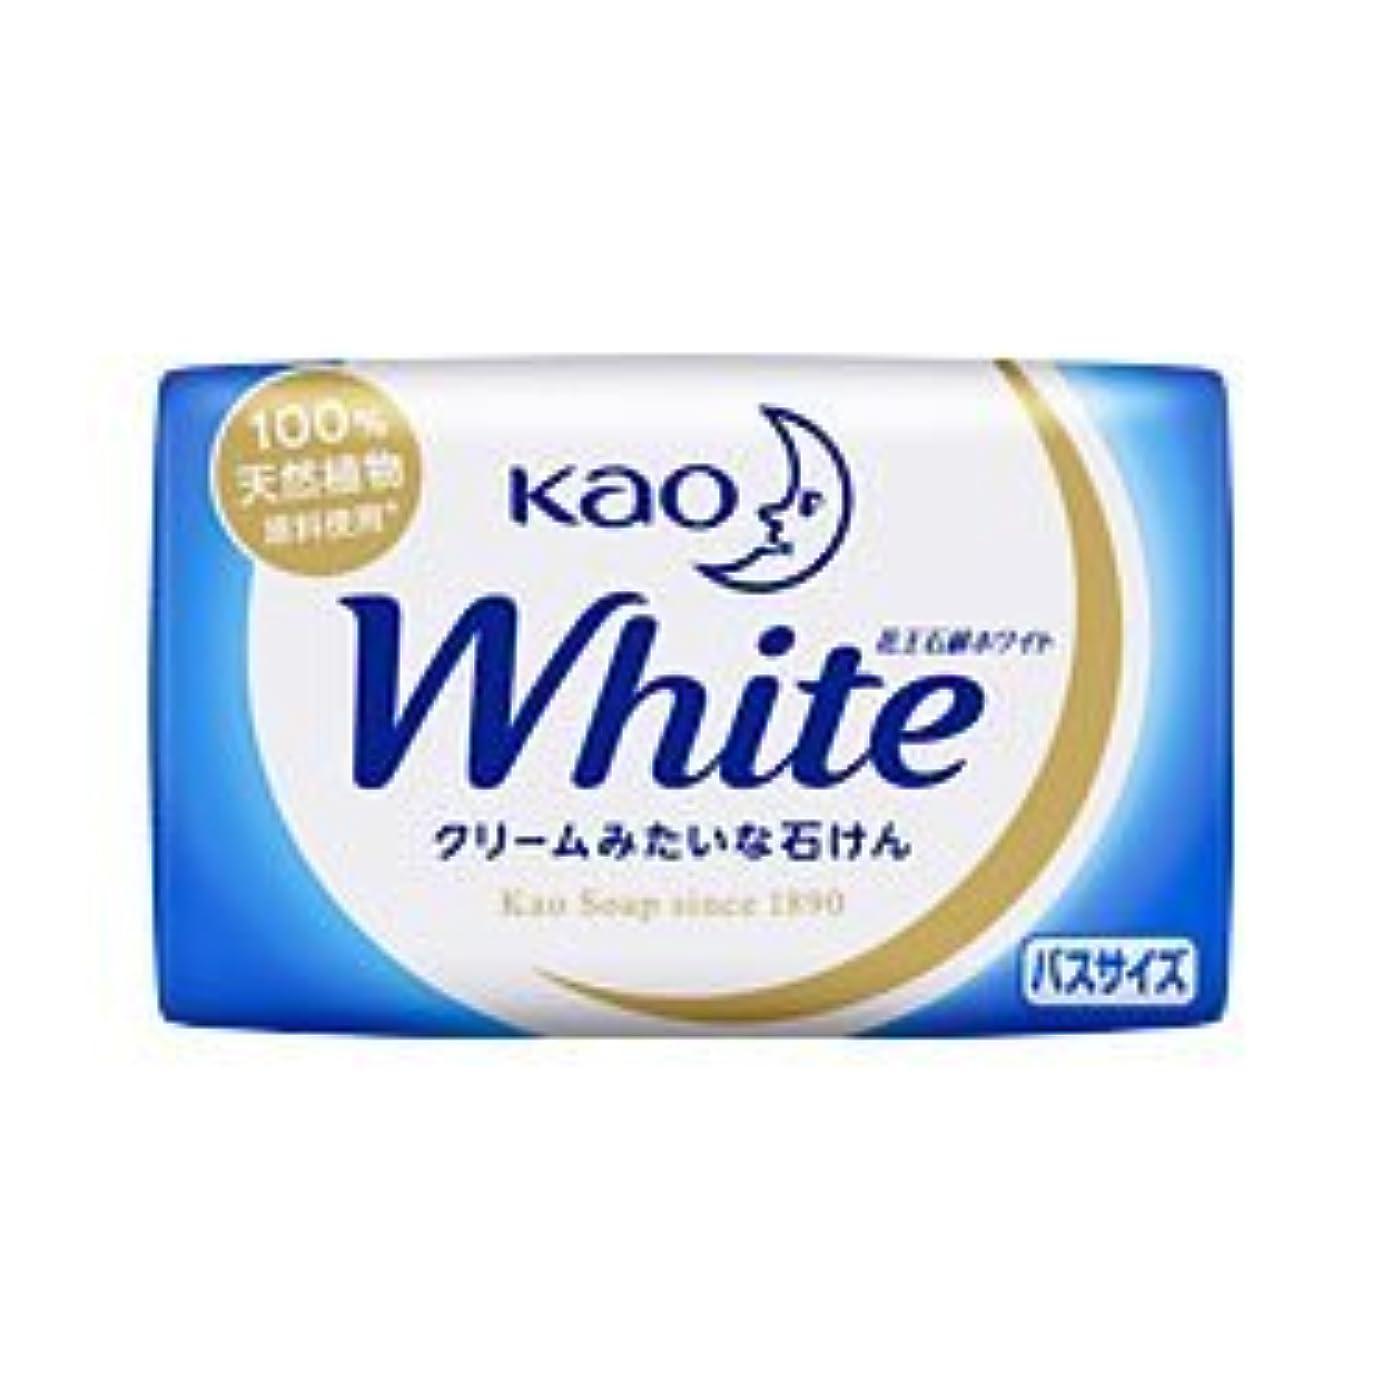 たまに文字州【花王】花王ホワイト バスサイズ 1個 130g ×5個セット